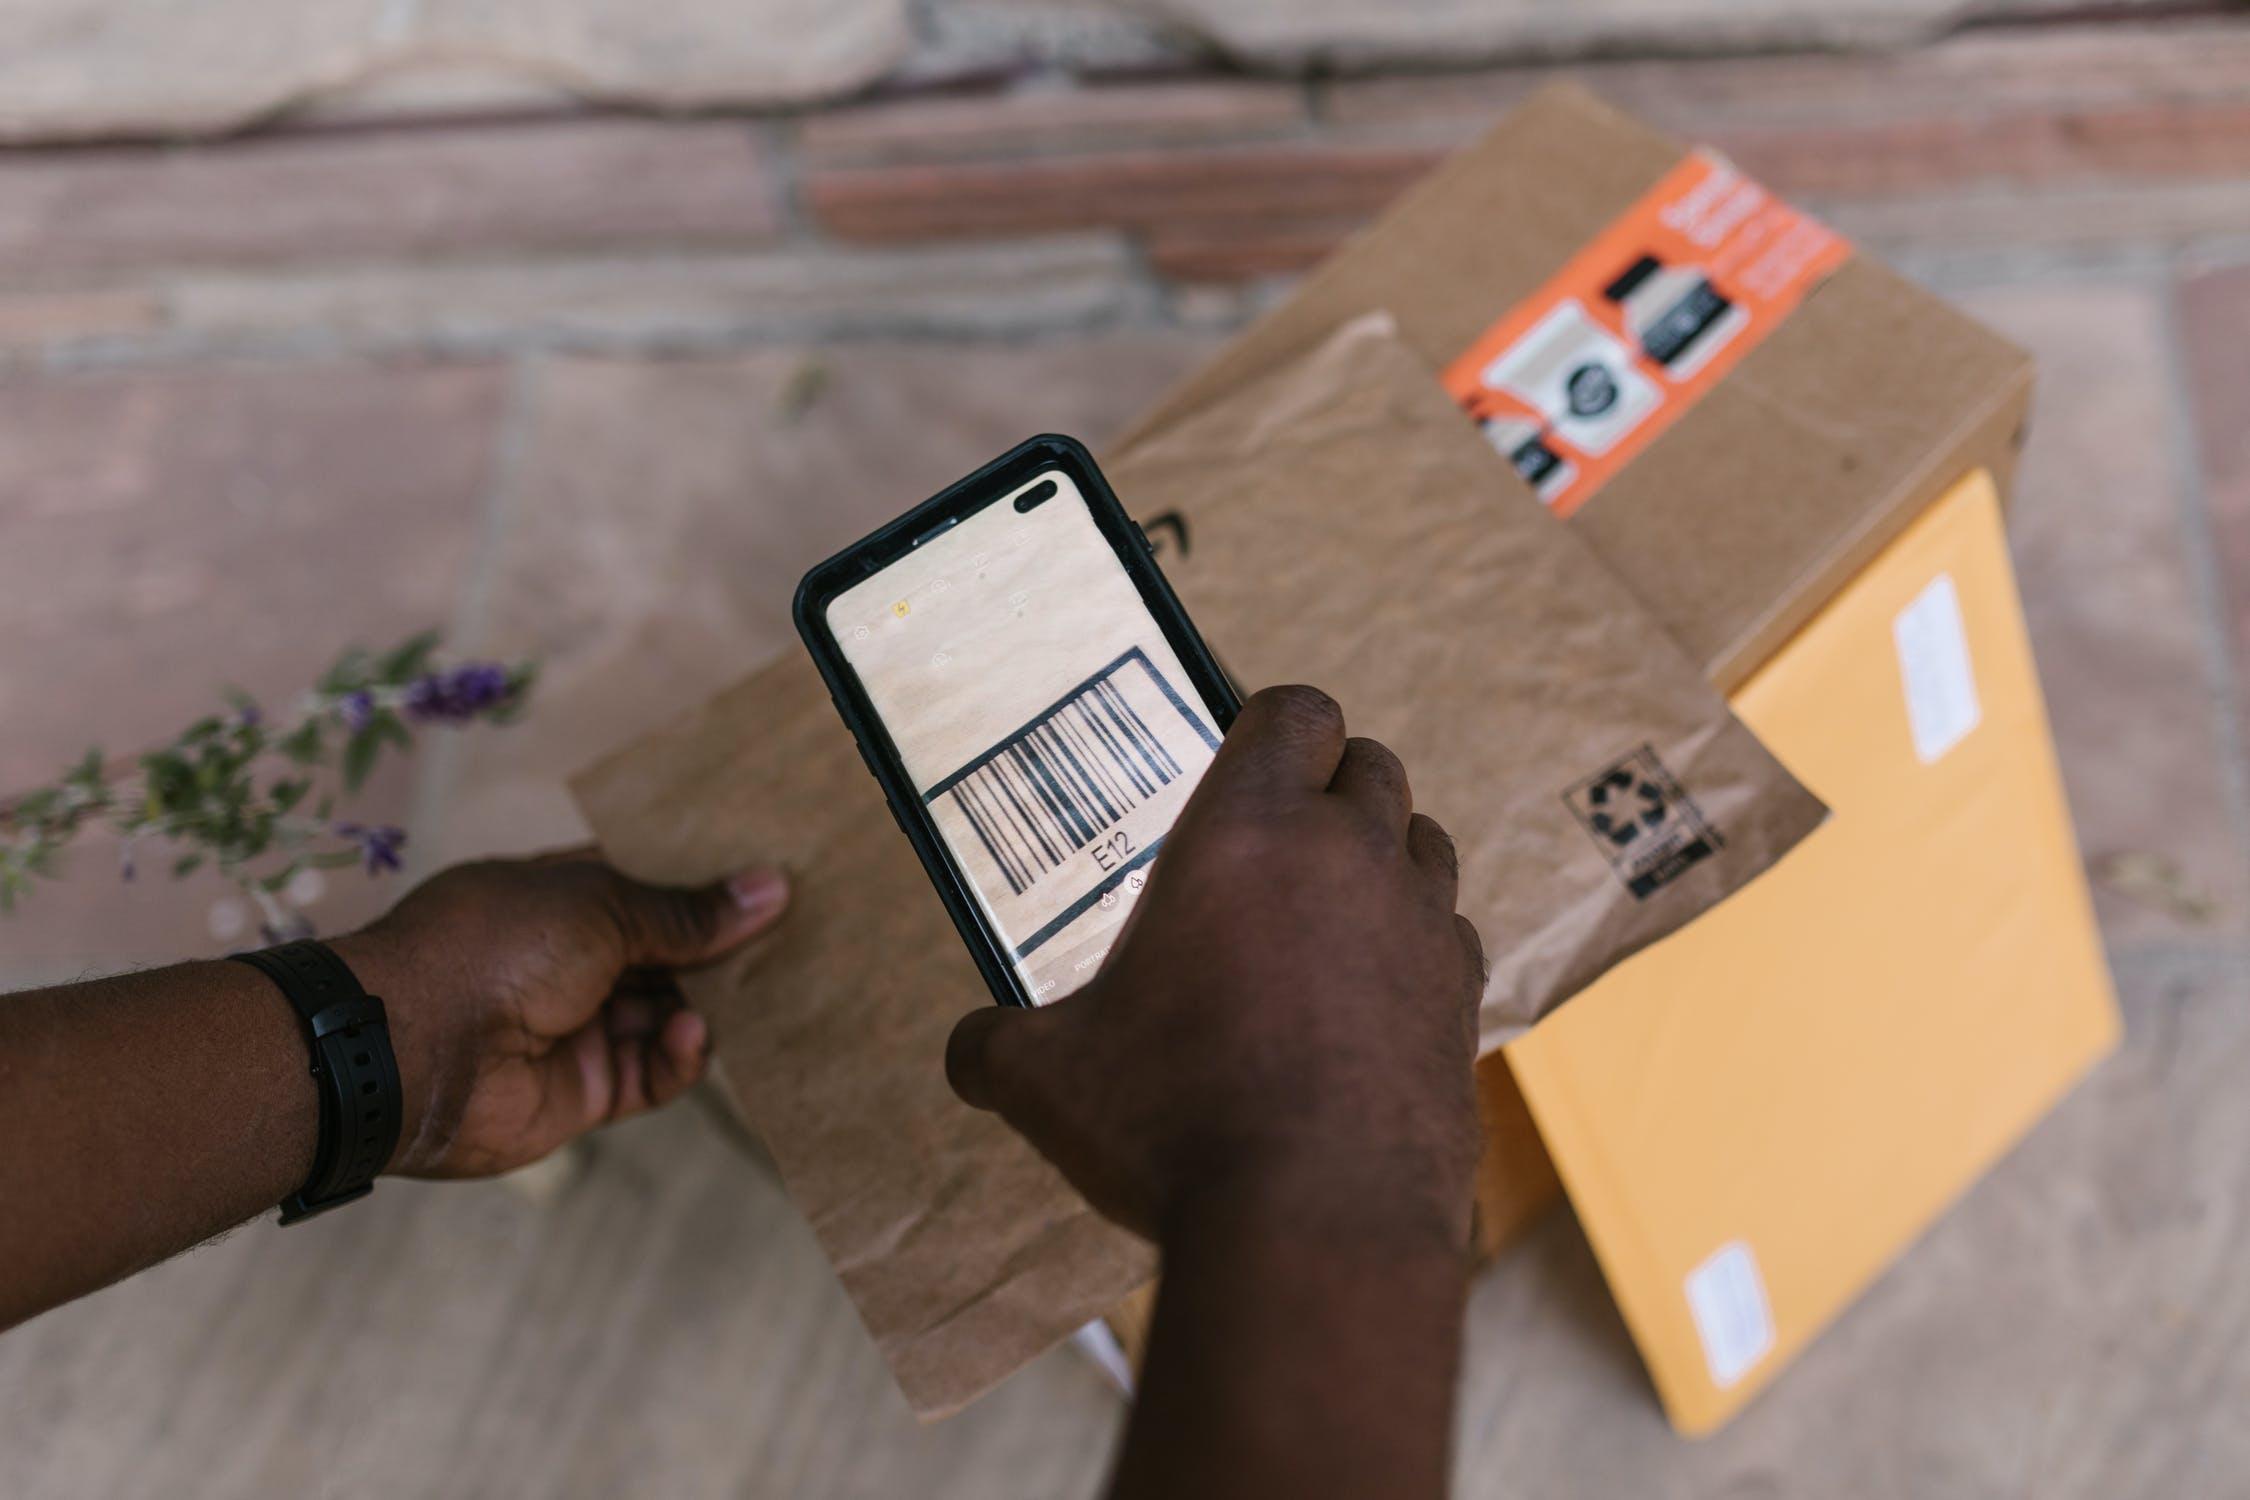 Wie draagt bij koop via internet het risico?